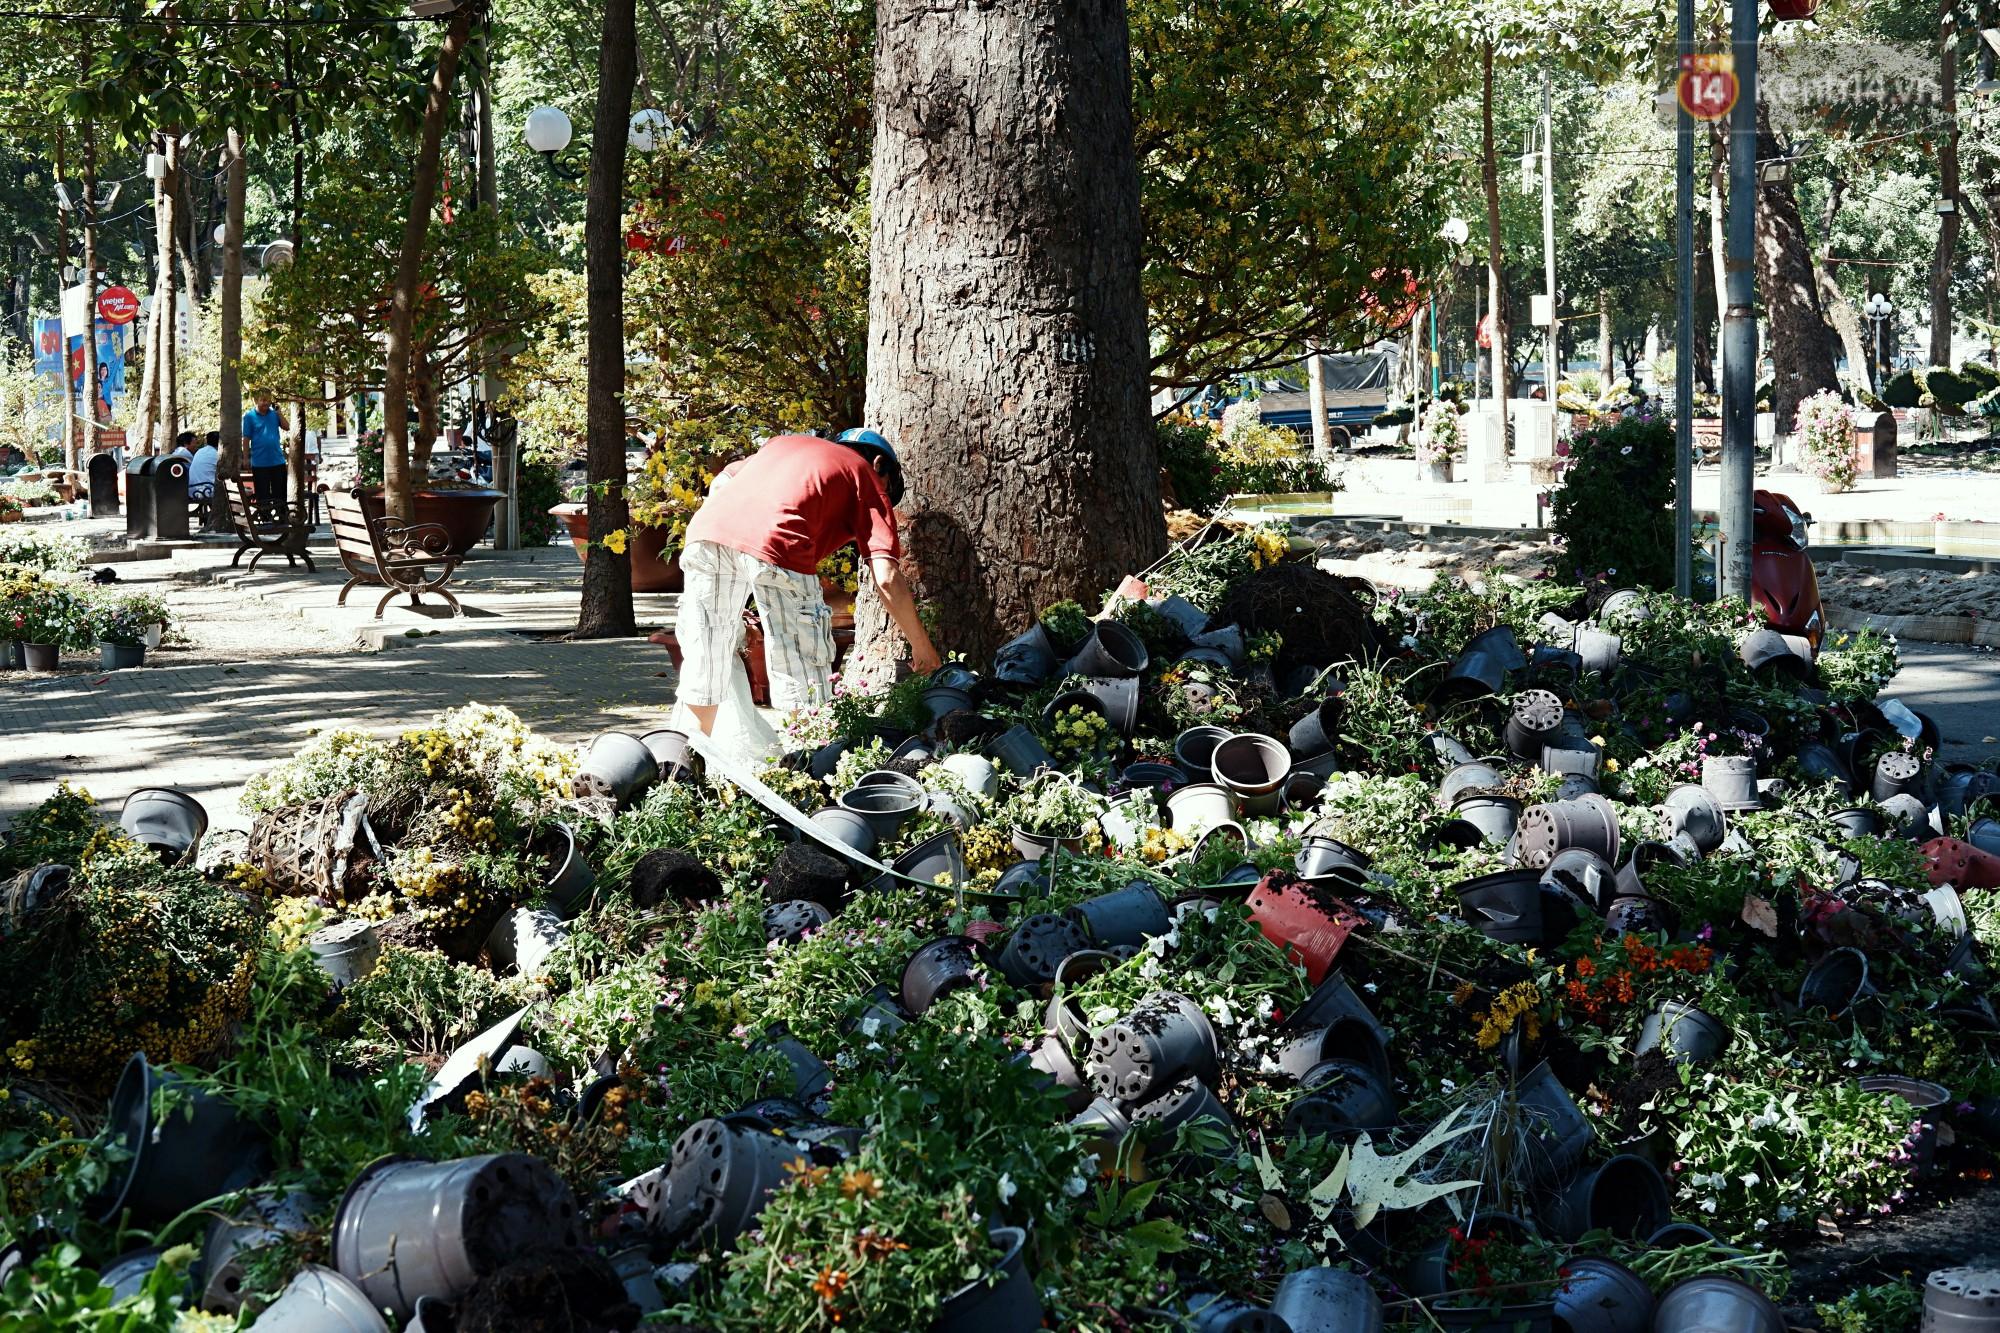 Hội hoa Xuân kết thúc, người dân Sài Gòn hào hứng xin hoa miễn phí về chưng cho đỡ uổng phí - Ảnh 6.